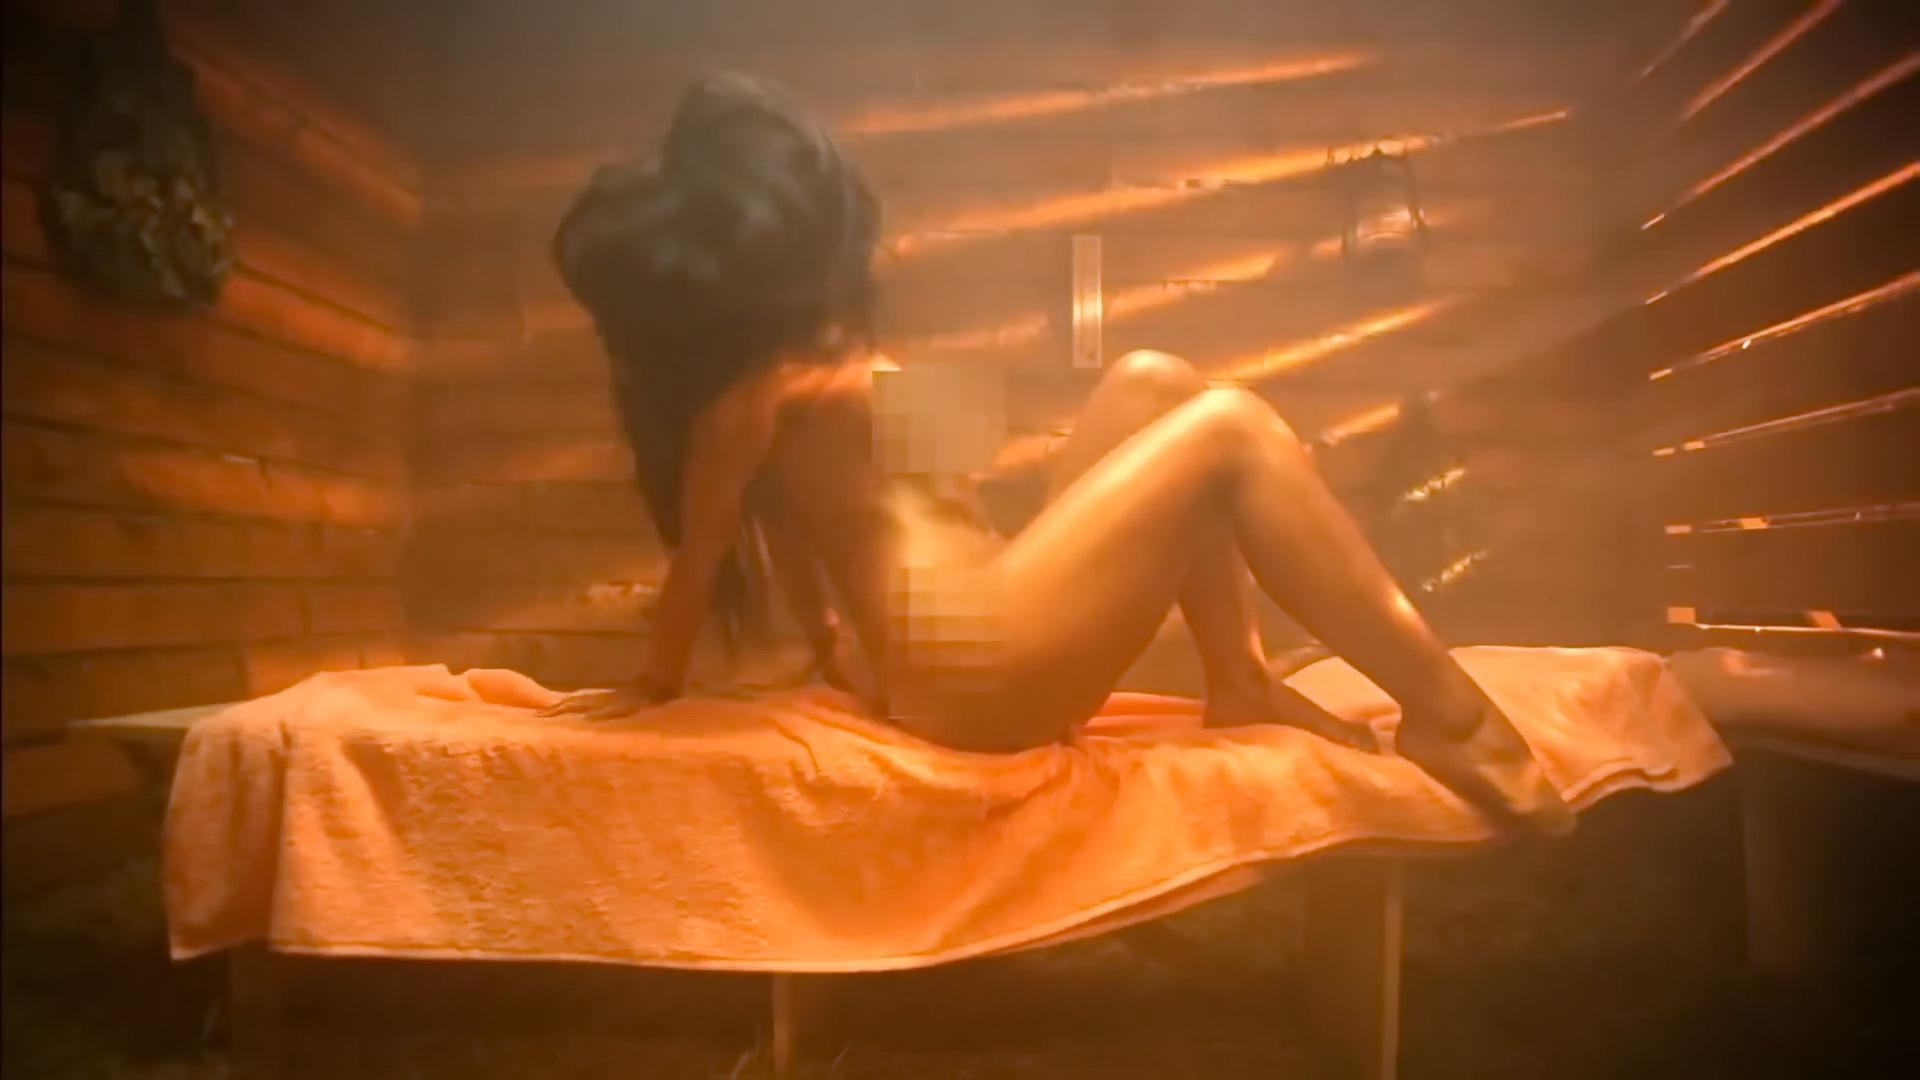 Сексуальные клипы без цензуры смотреть онлайн бесплатно 8 фотография